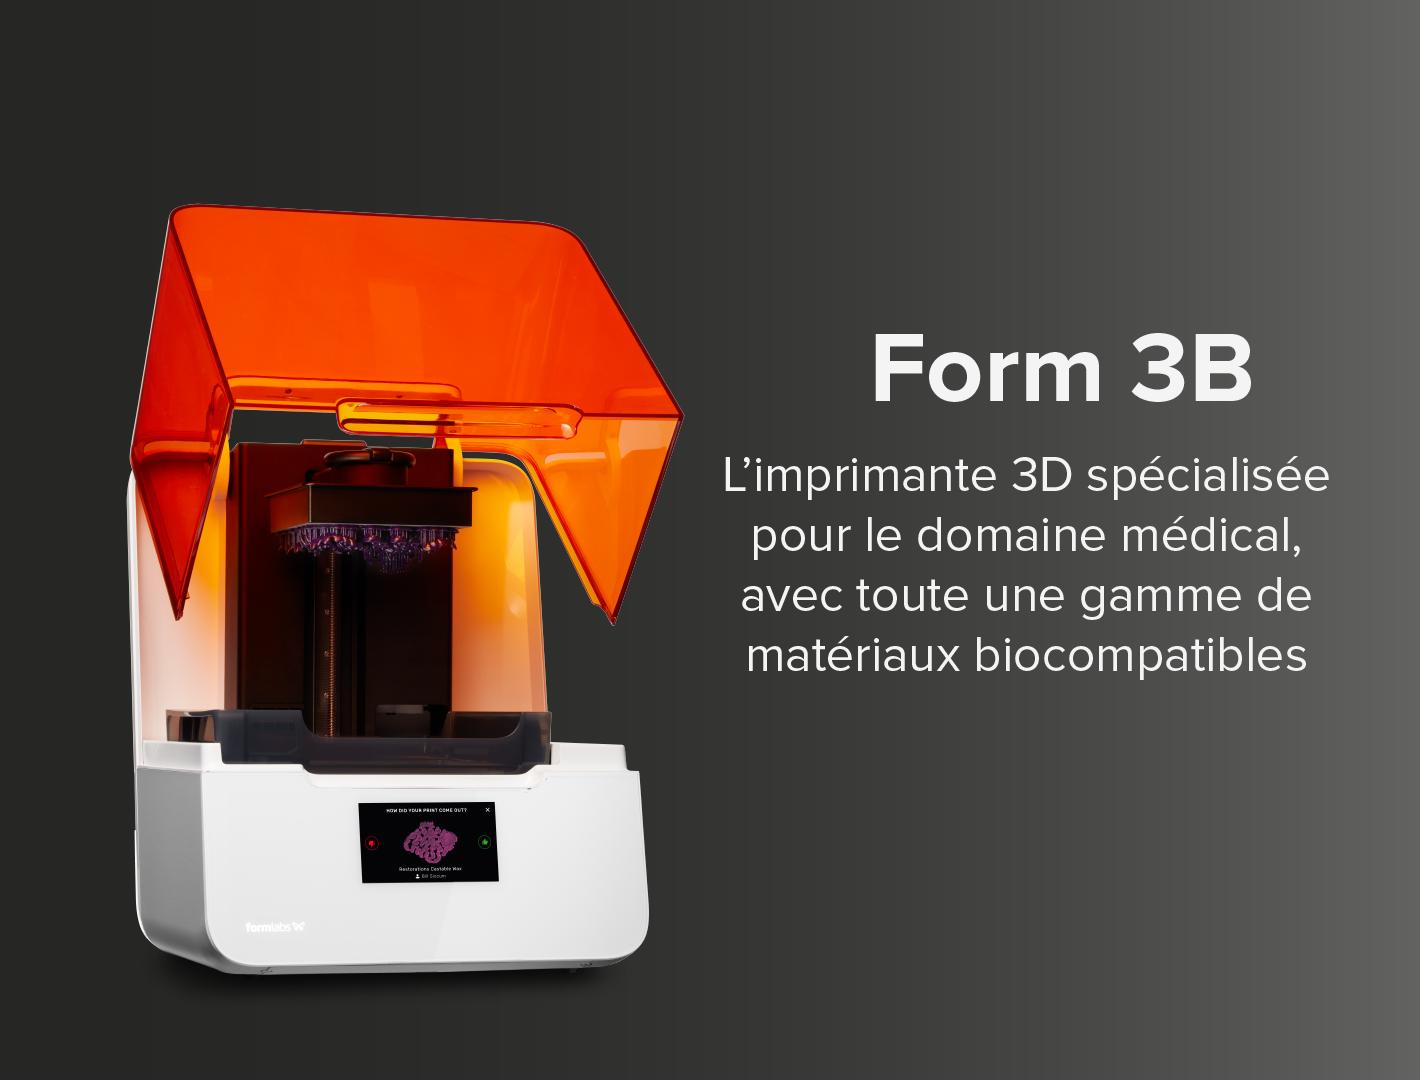 Form 3B, L'imprimante 3D spécialisée pour le domaine médical, avec toute une gamme de matériaux biocompatibles